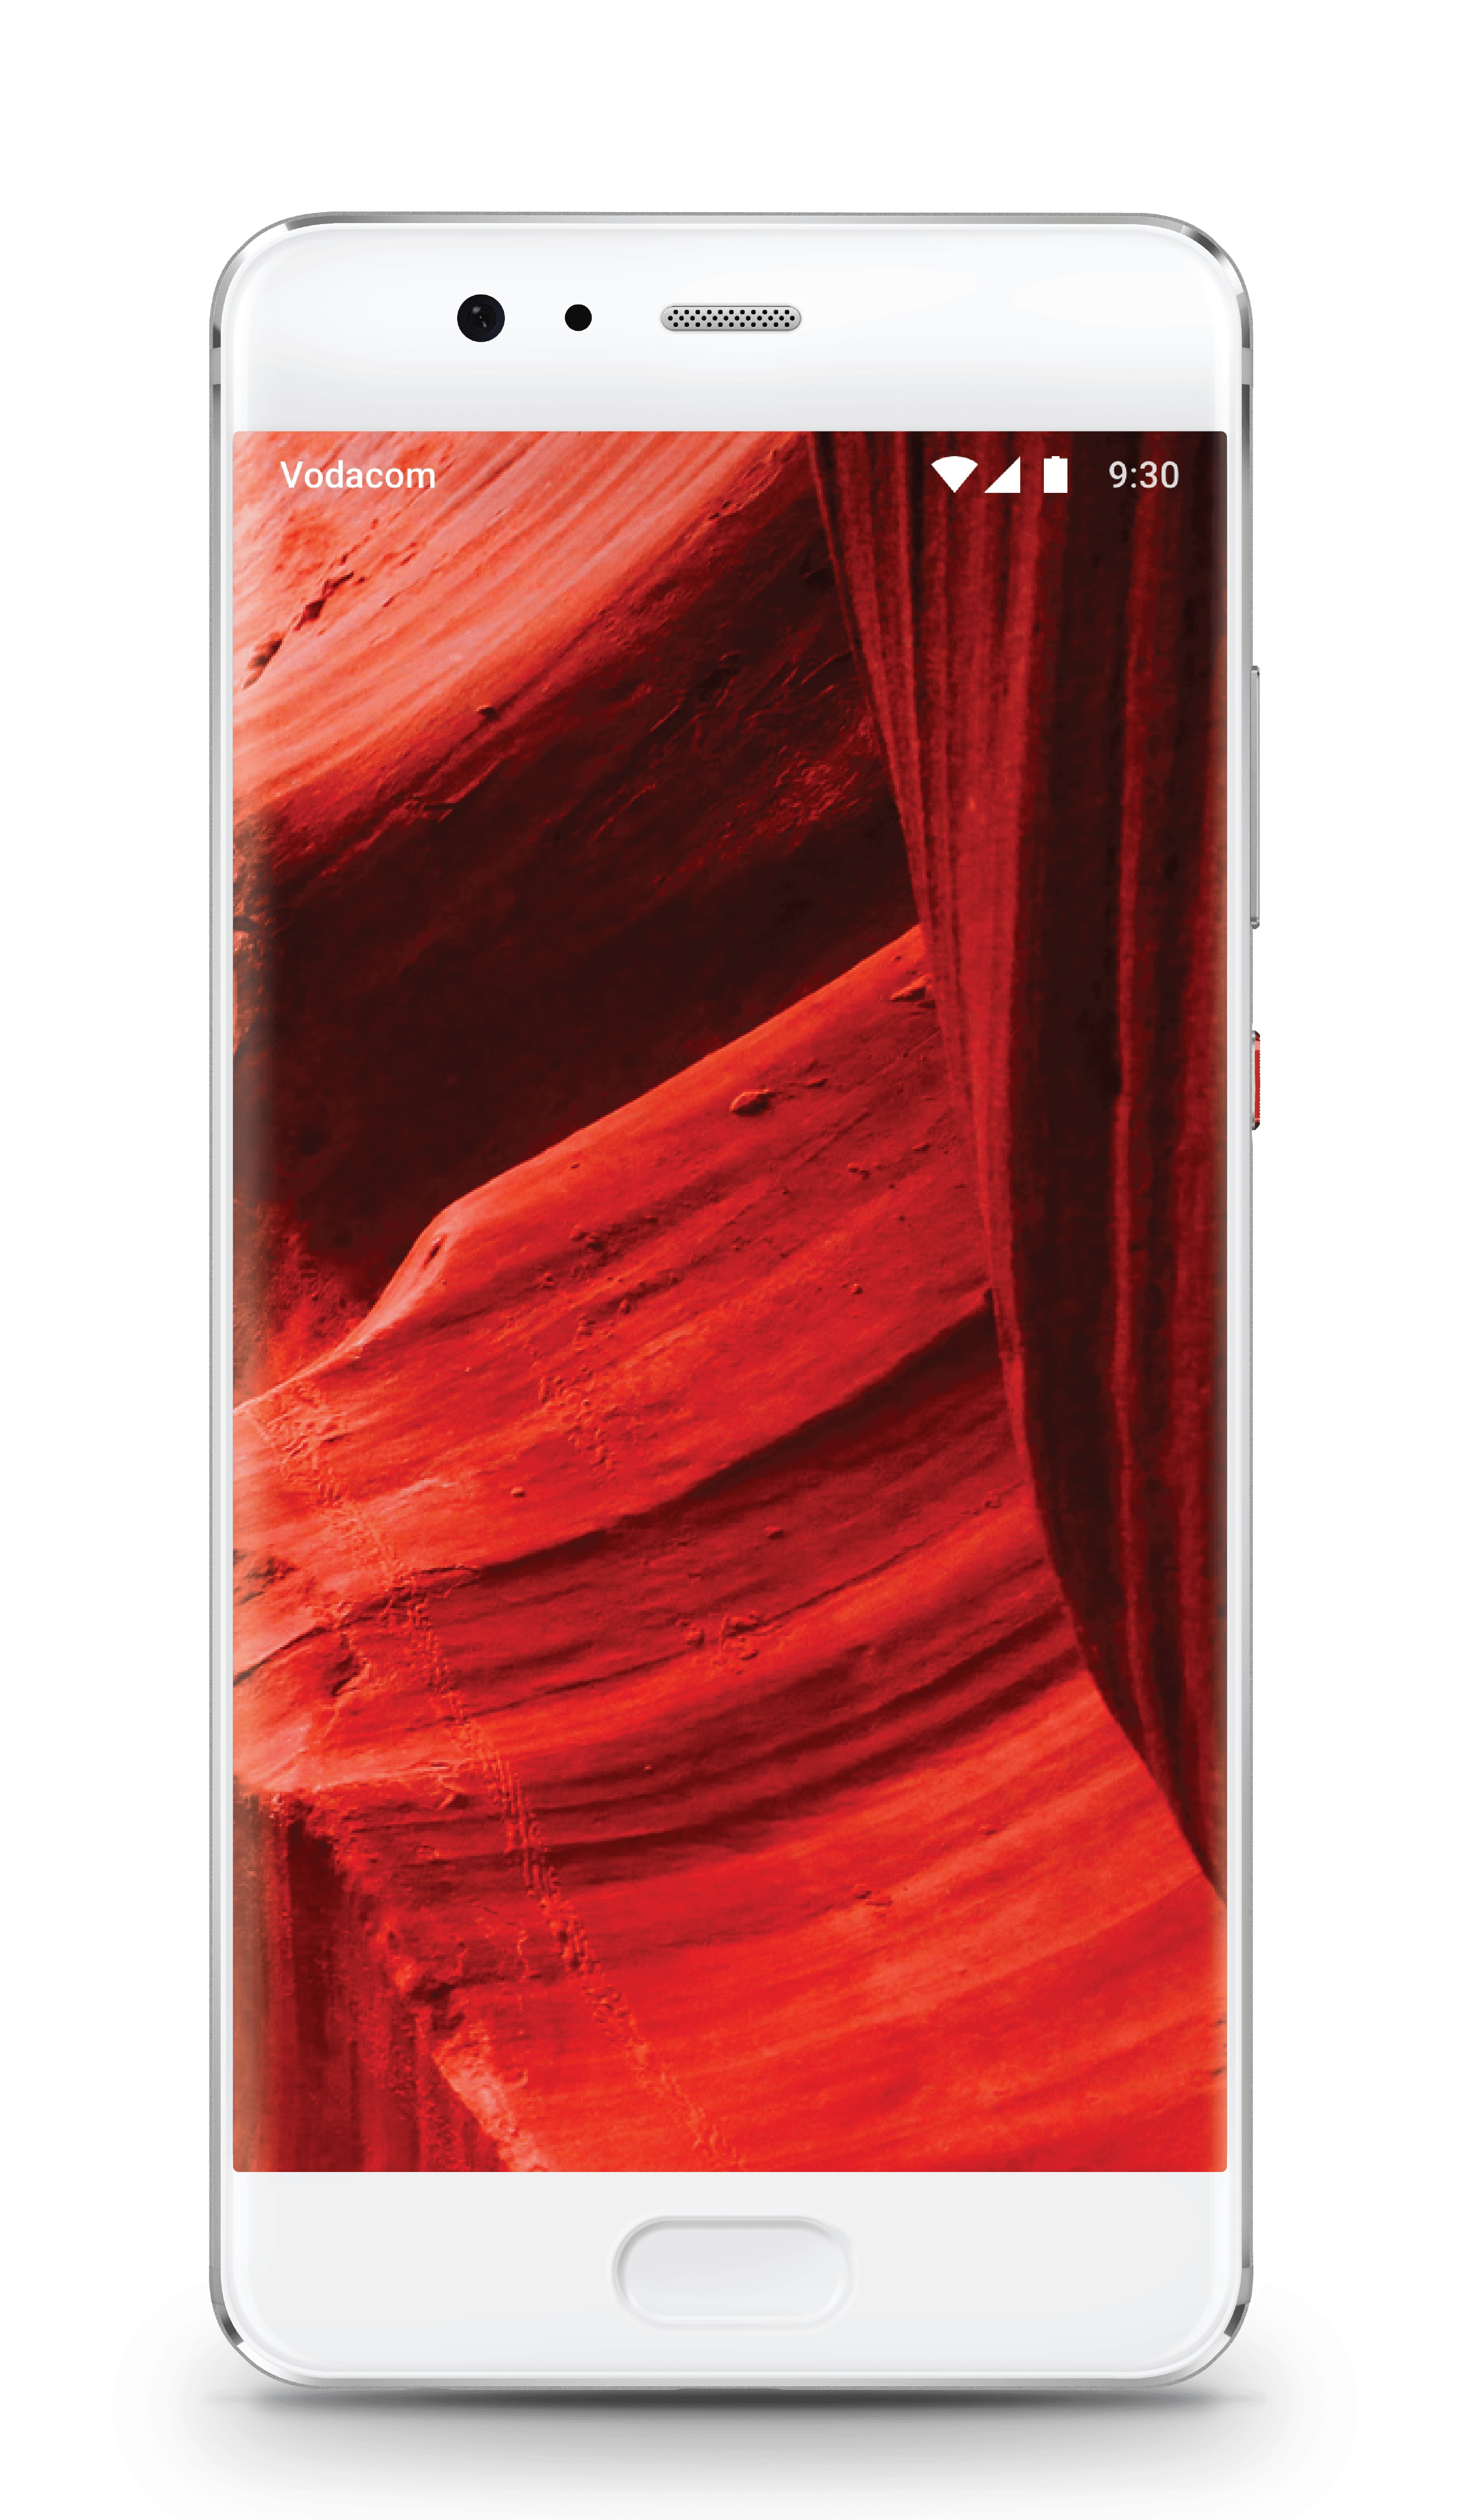 Huawei P10 Plus image